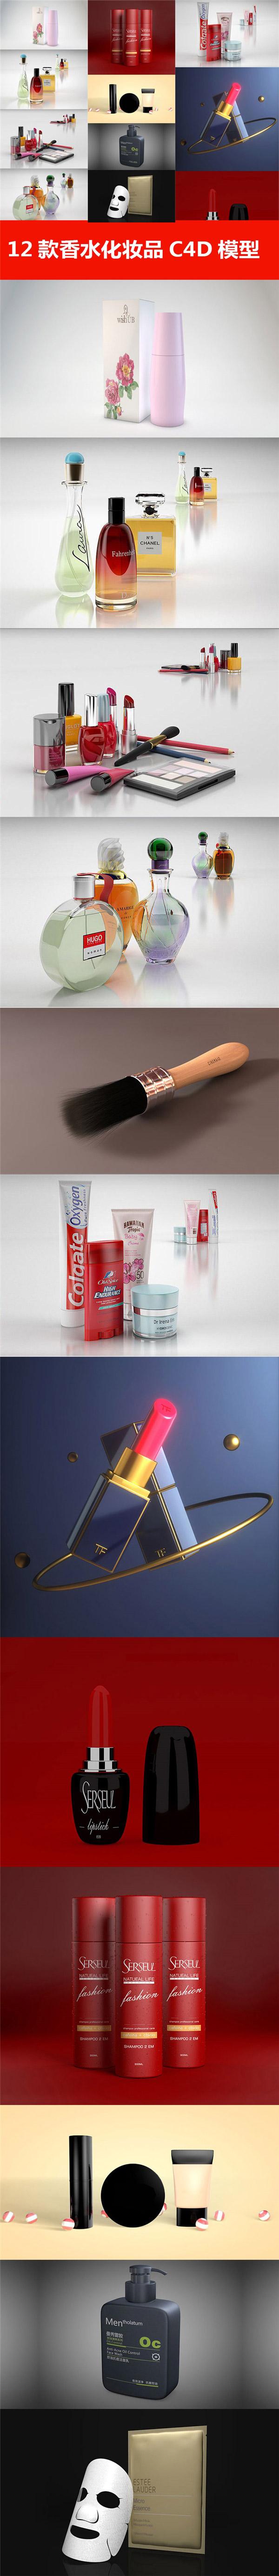 化妆品C4D模型